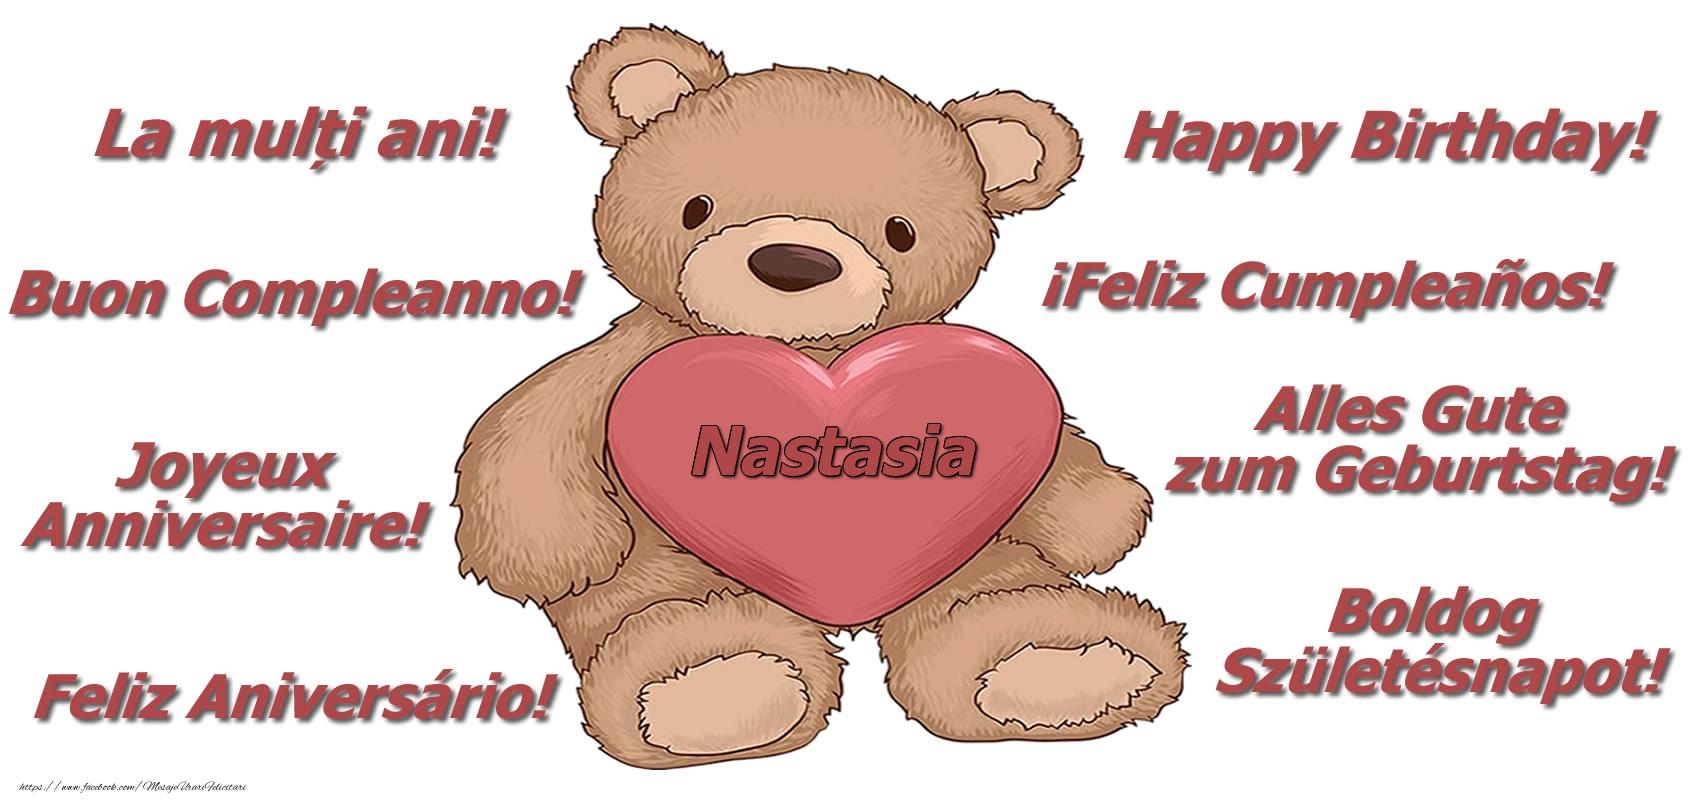 Felicitari de zi de nastere - La multi ani Nastasia! - Ursulet